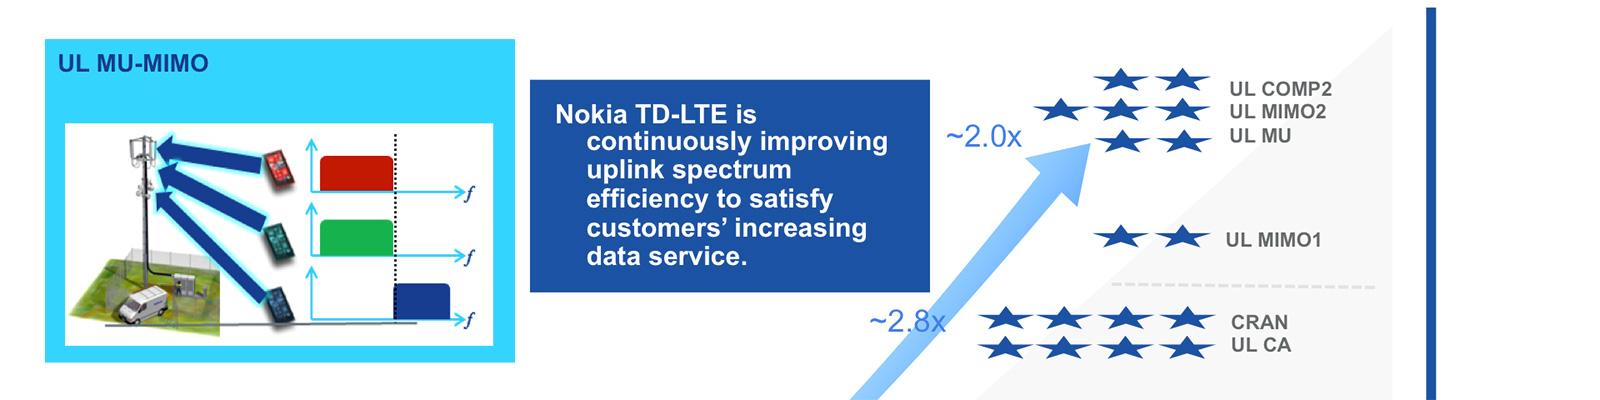 TD-LTEにおけるアップリンク側のスループット向上ロードマップ